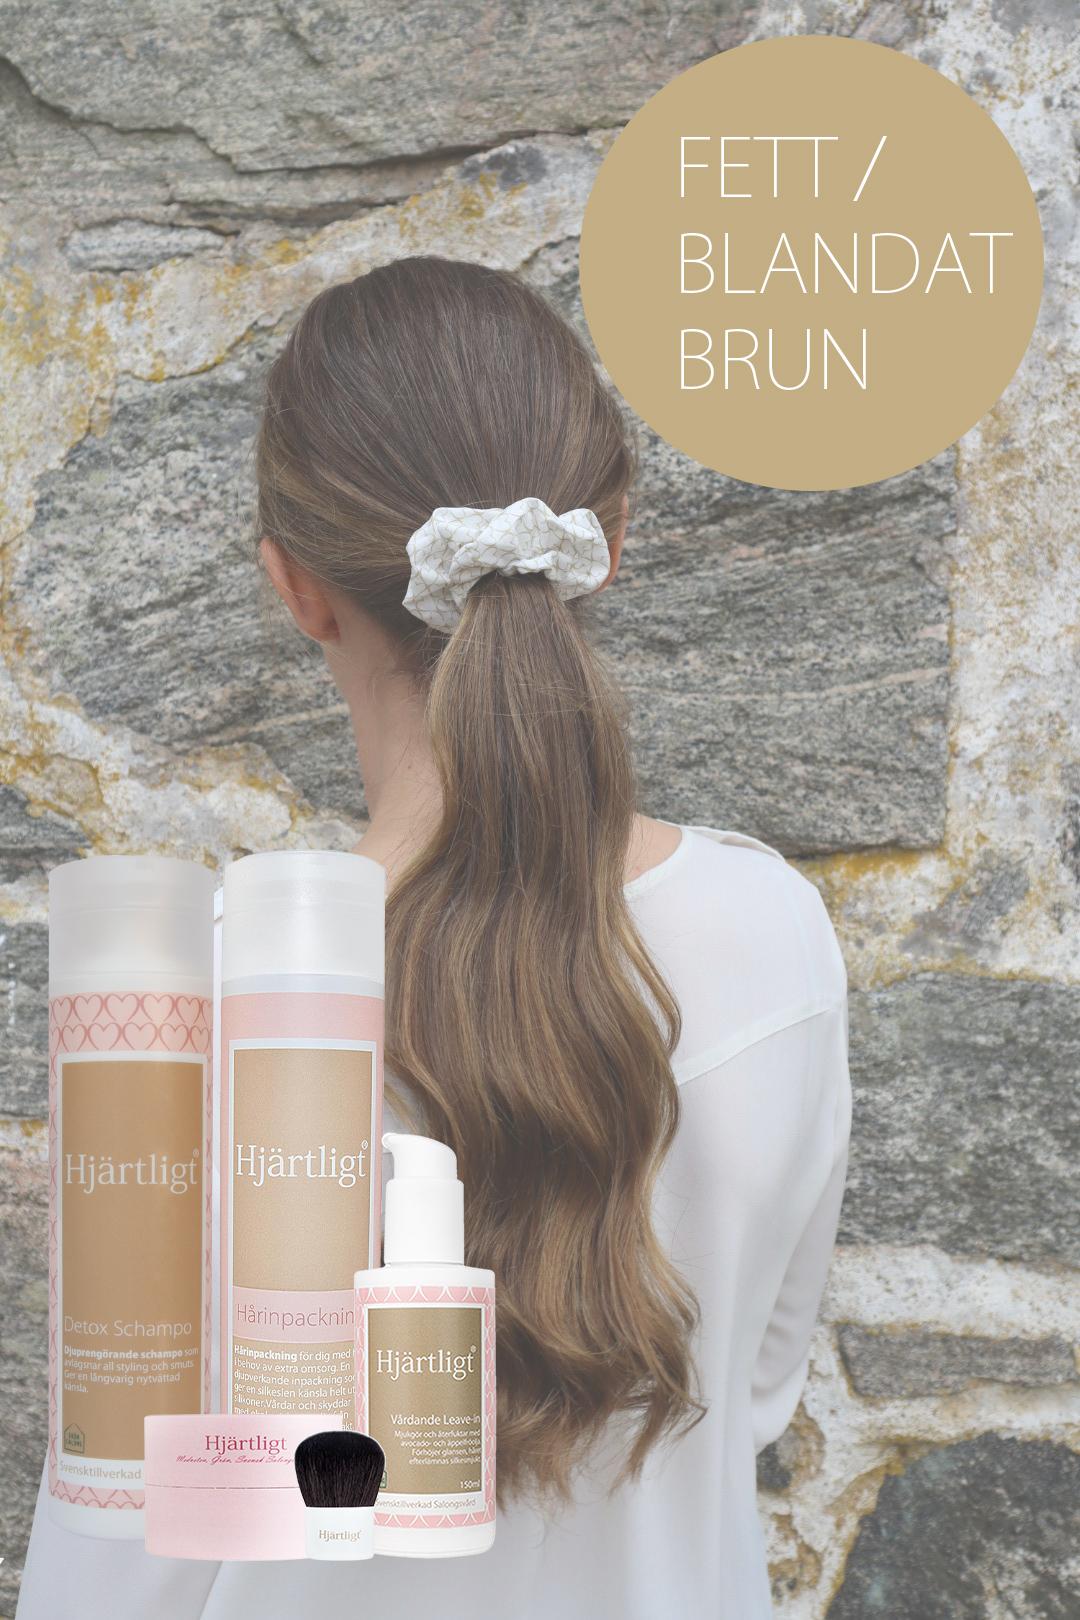 Fett hår/Blandat – Brun